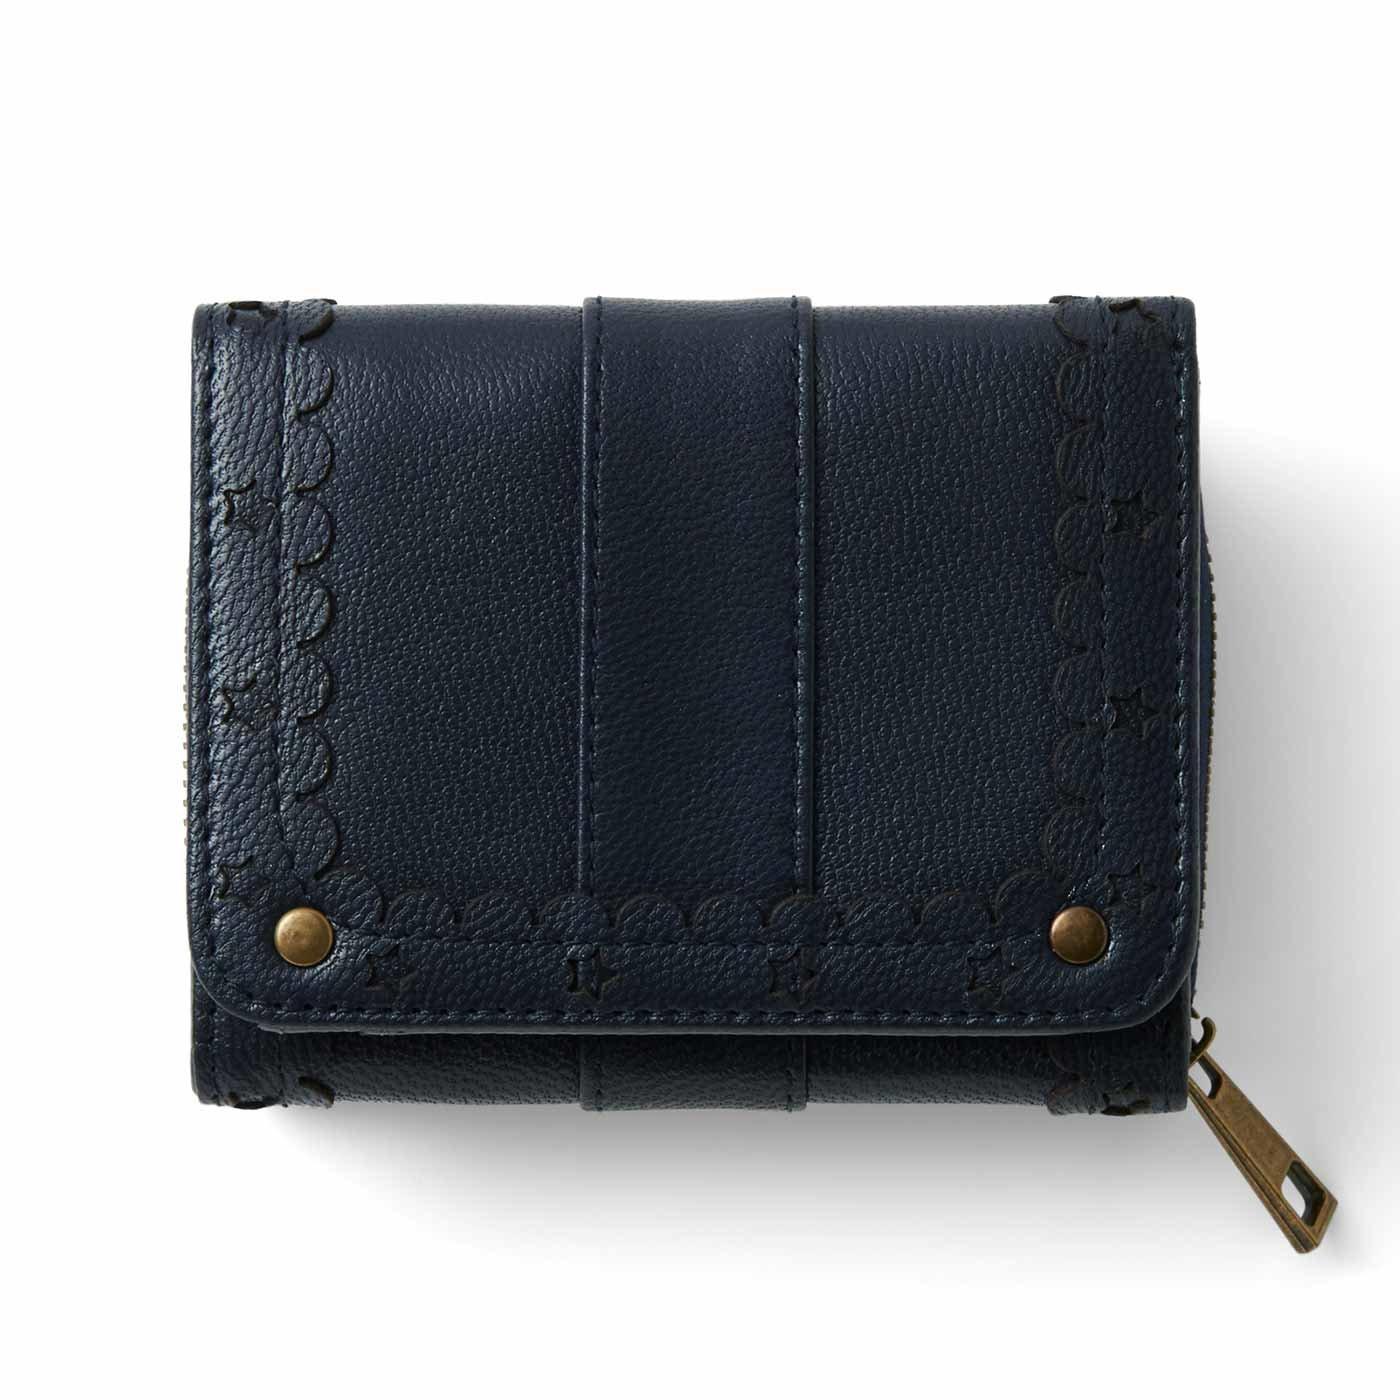 リブ イン コンフォート はまじとコラボ ずっと使いたい とっておきの本革ちび財布〈ミッドナイトネイビー〉